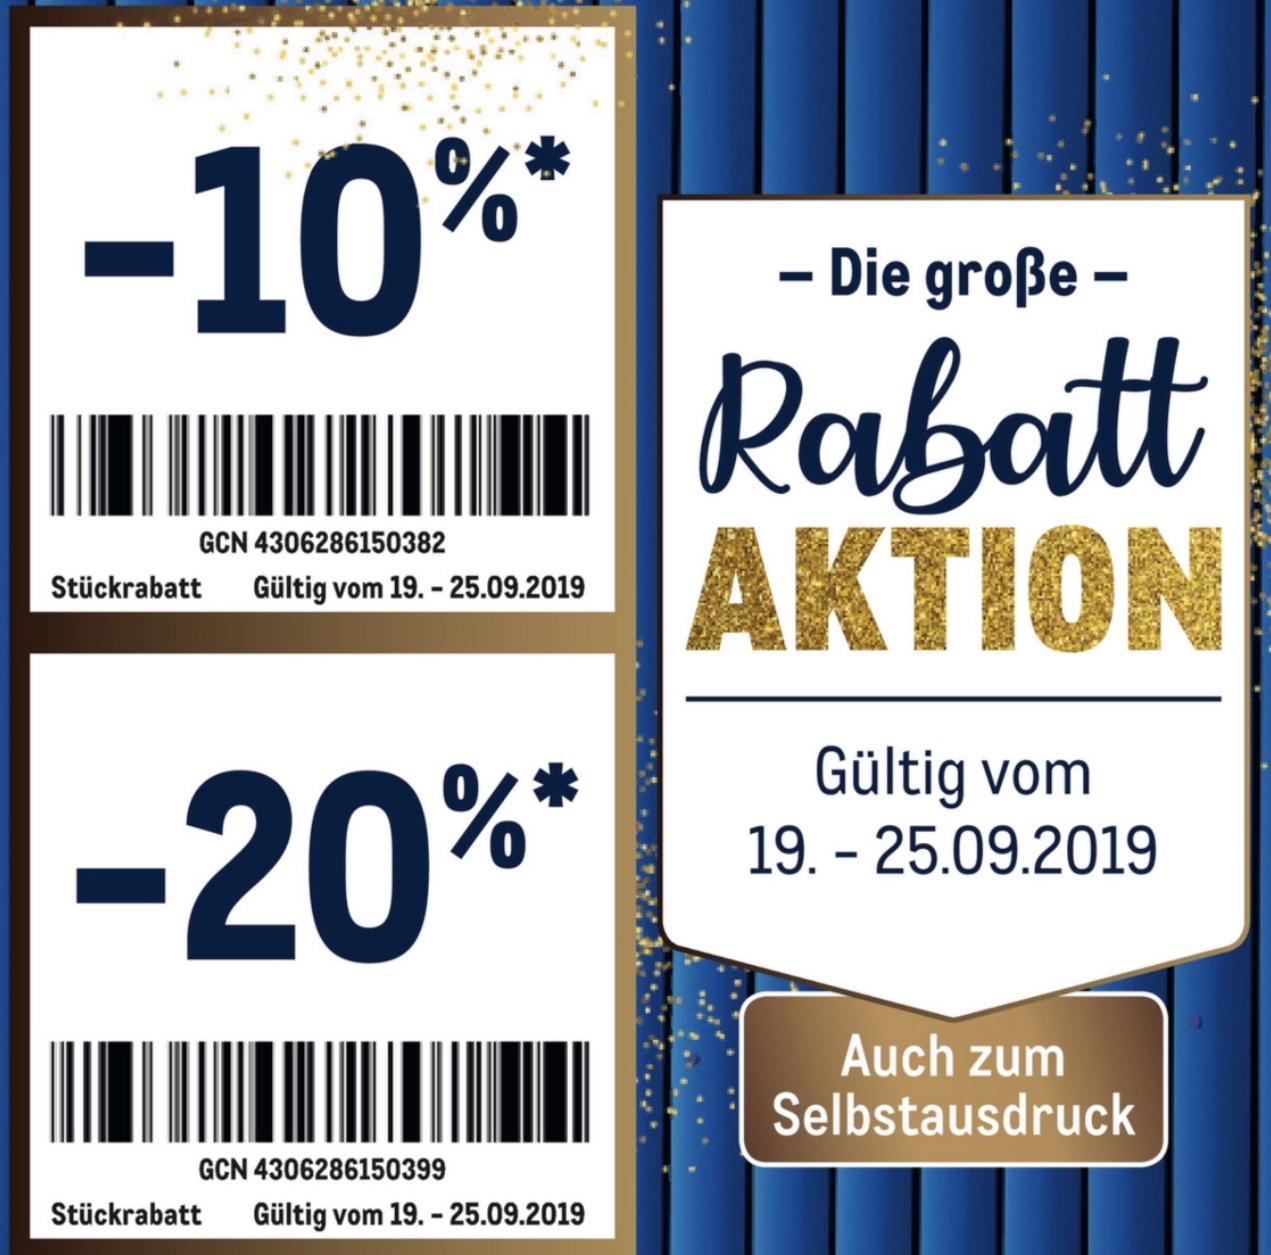 Metro ab 19.09.: 20% bzw. 10% Sticker-Rabatt-Aktion auf fast alles - auch zum Selbstausdruck!